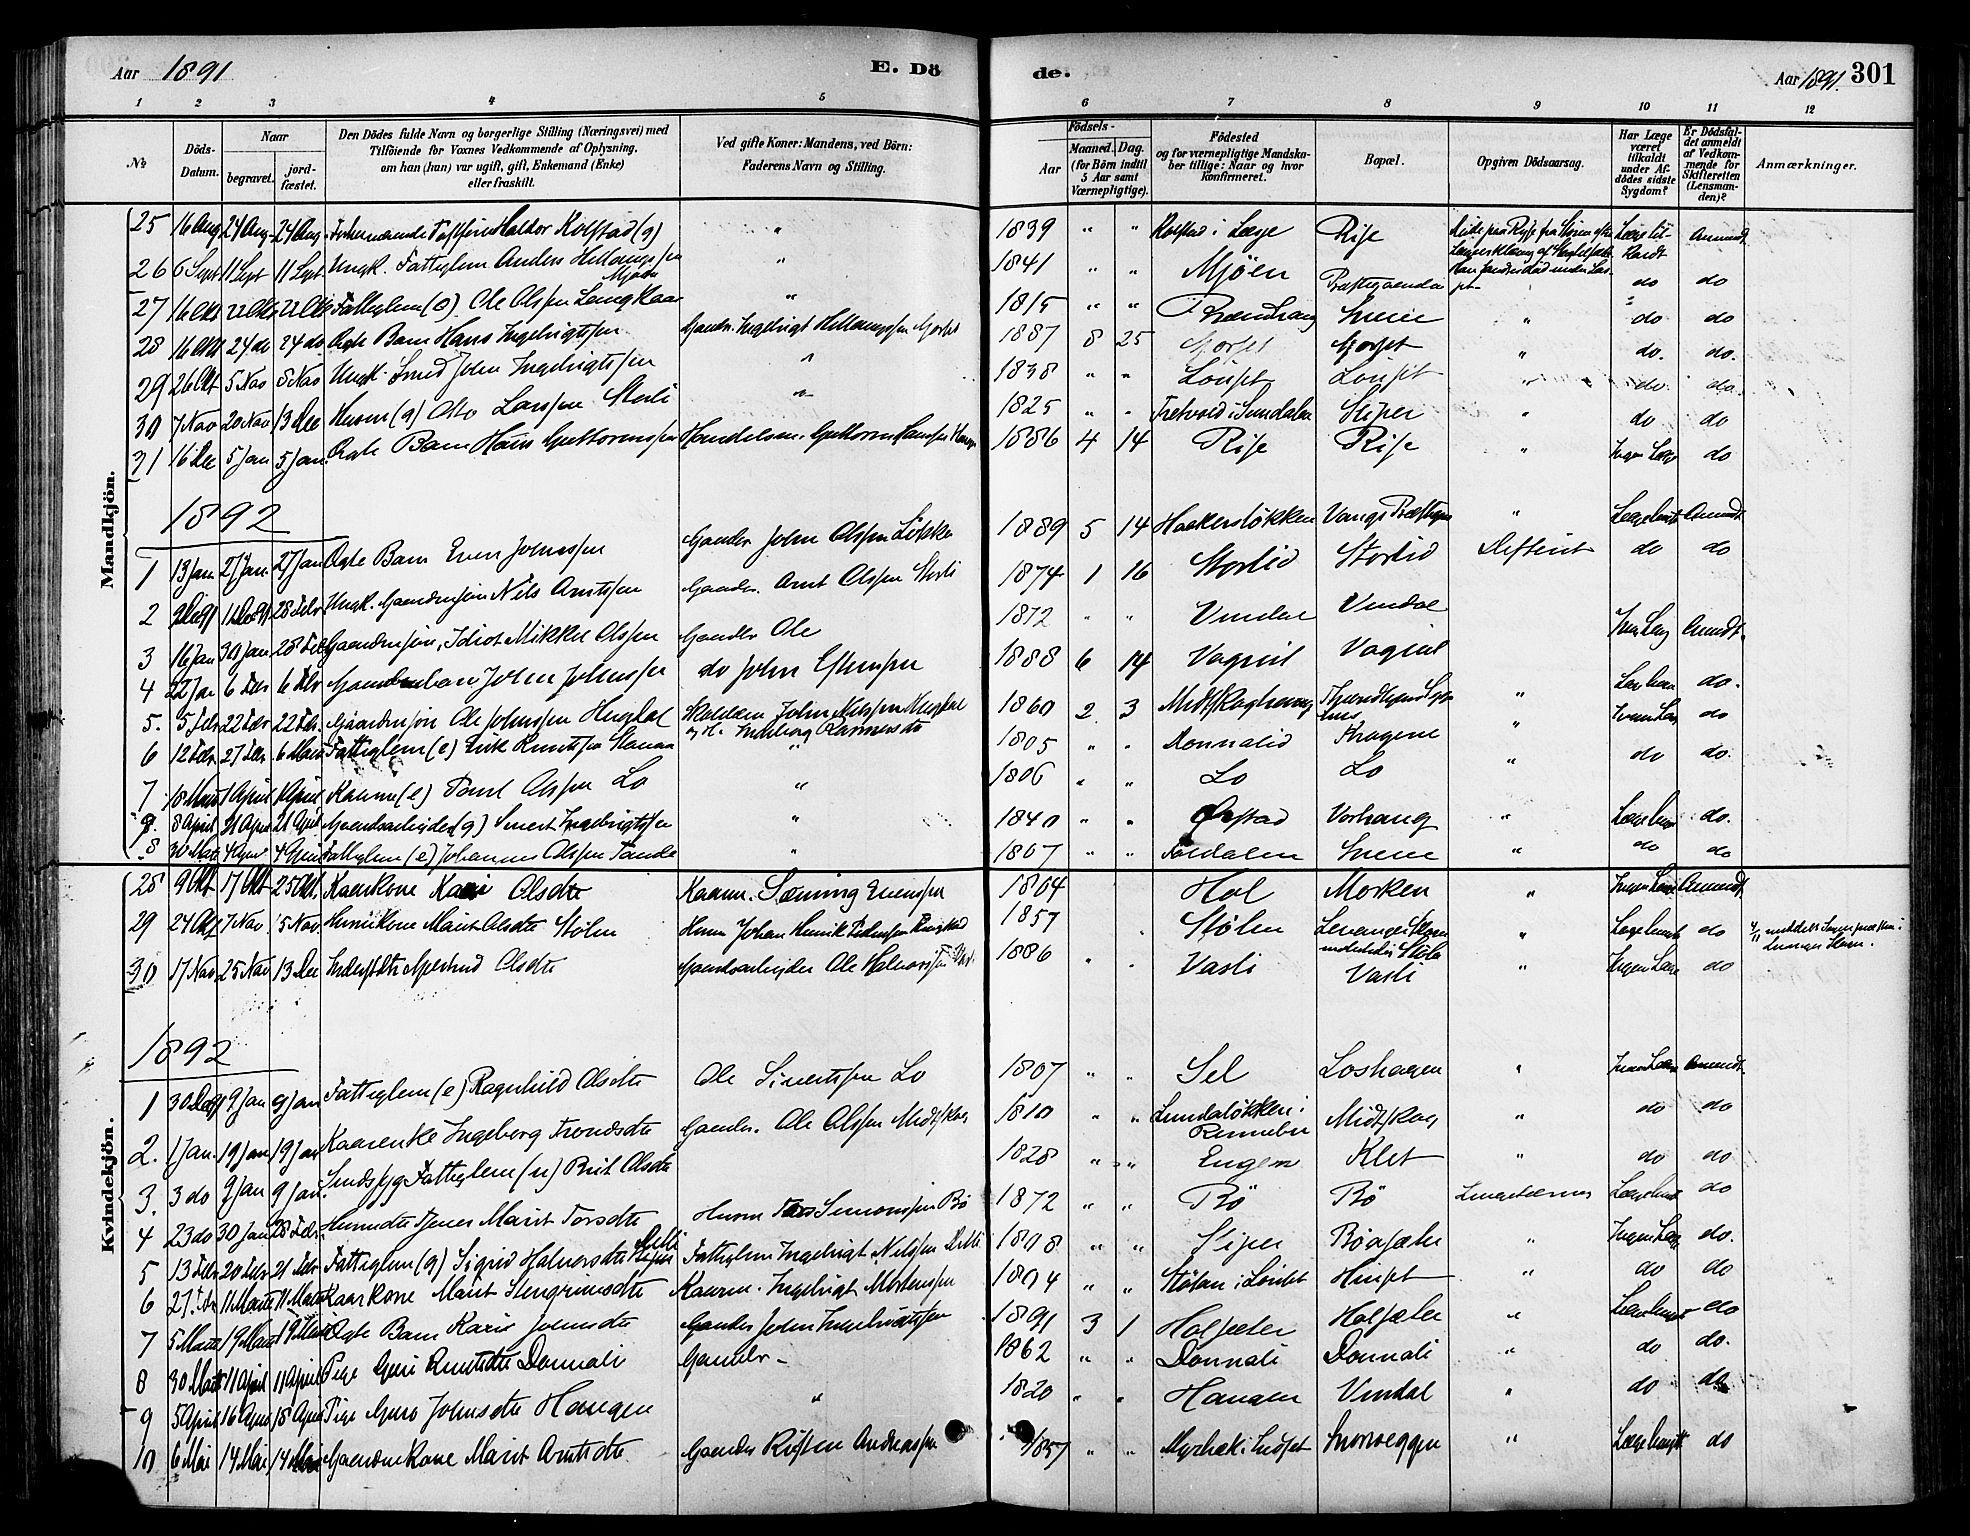 SAT, Ministerialprotokoller, klokkerbøker og fødselsregistre - Sør-Trøndelag, 678/L0901: Ministerialbok nr. 678A10, 1881-1894, s. 301